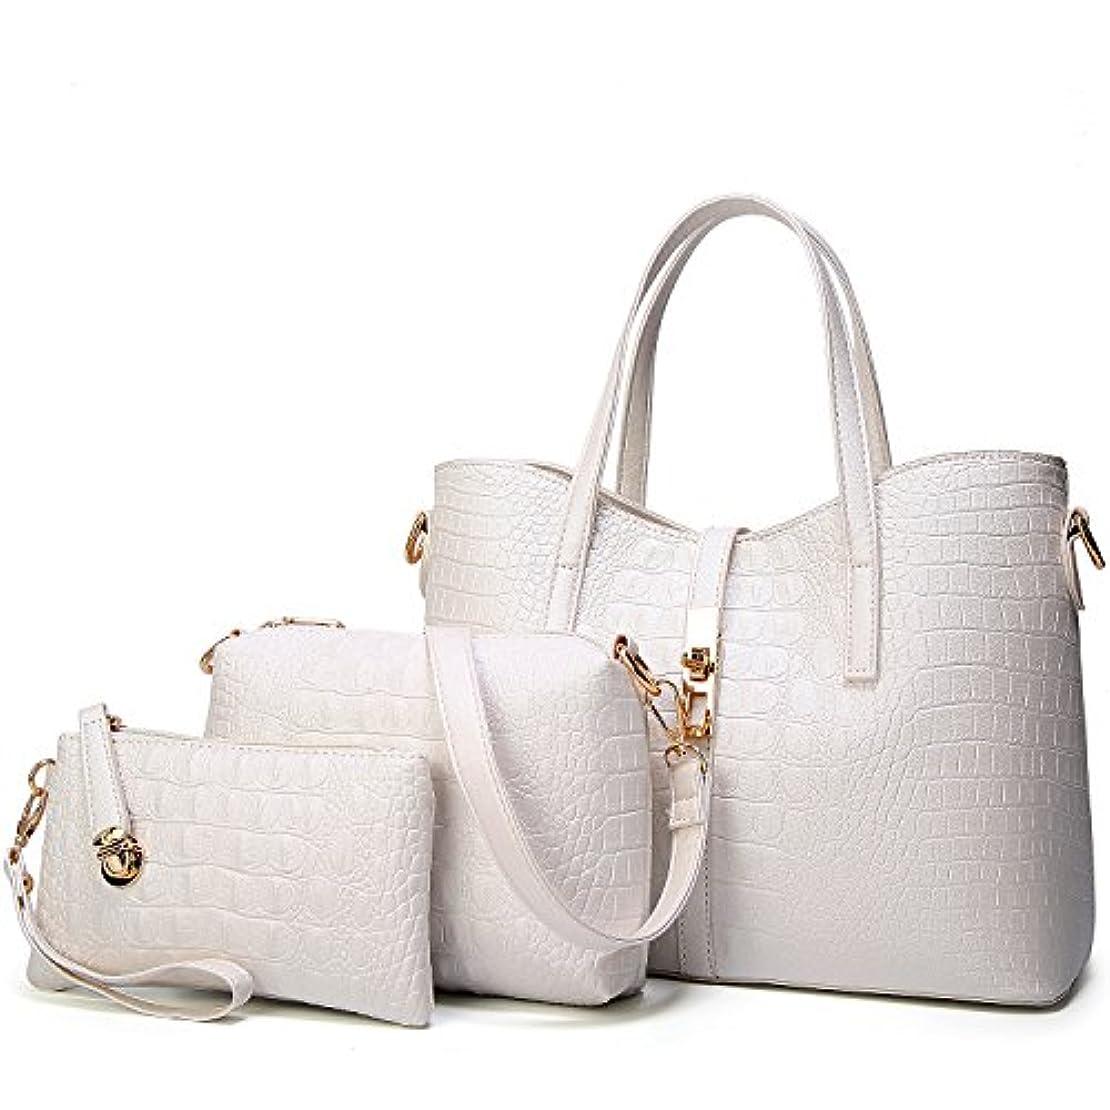 空白おばあさんモーター[TcIFE] ハンドバッグ レディース トートバッグ 大容量 無地 ショルダーバッグ 2way 財布とハンドバッグ